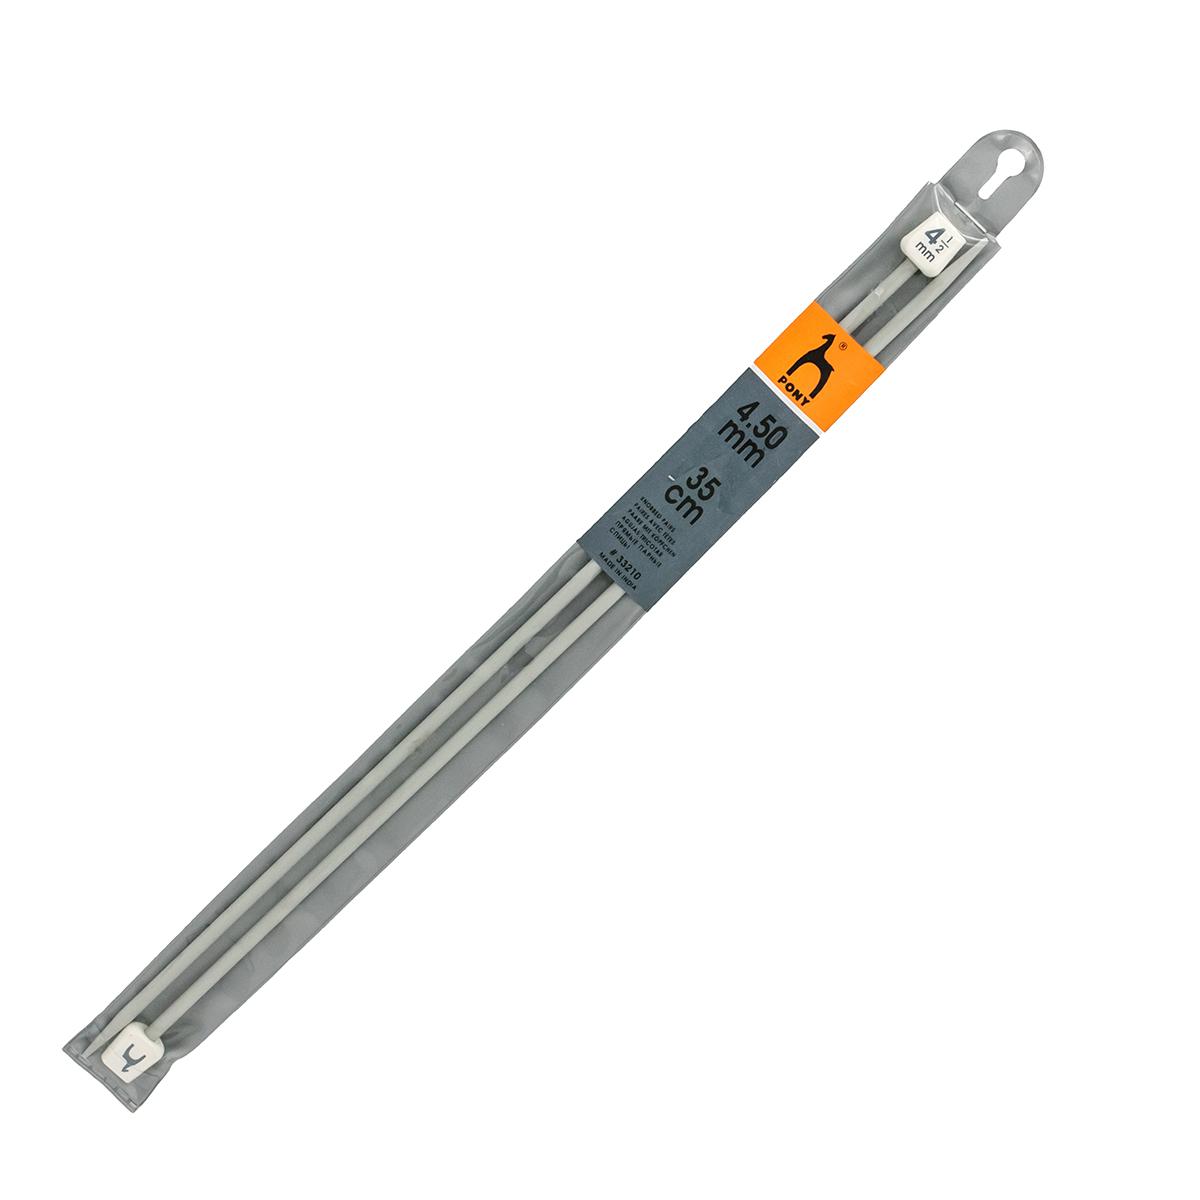 33210 Спицы прямые алюминий 4,5мм*35см PONY